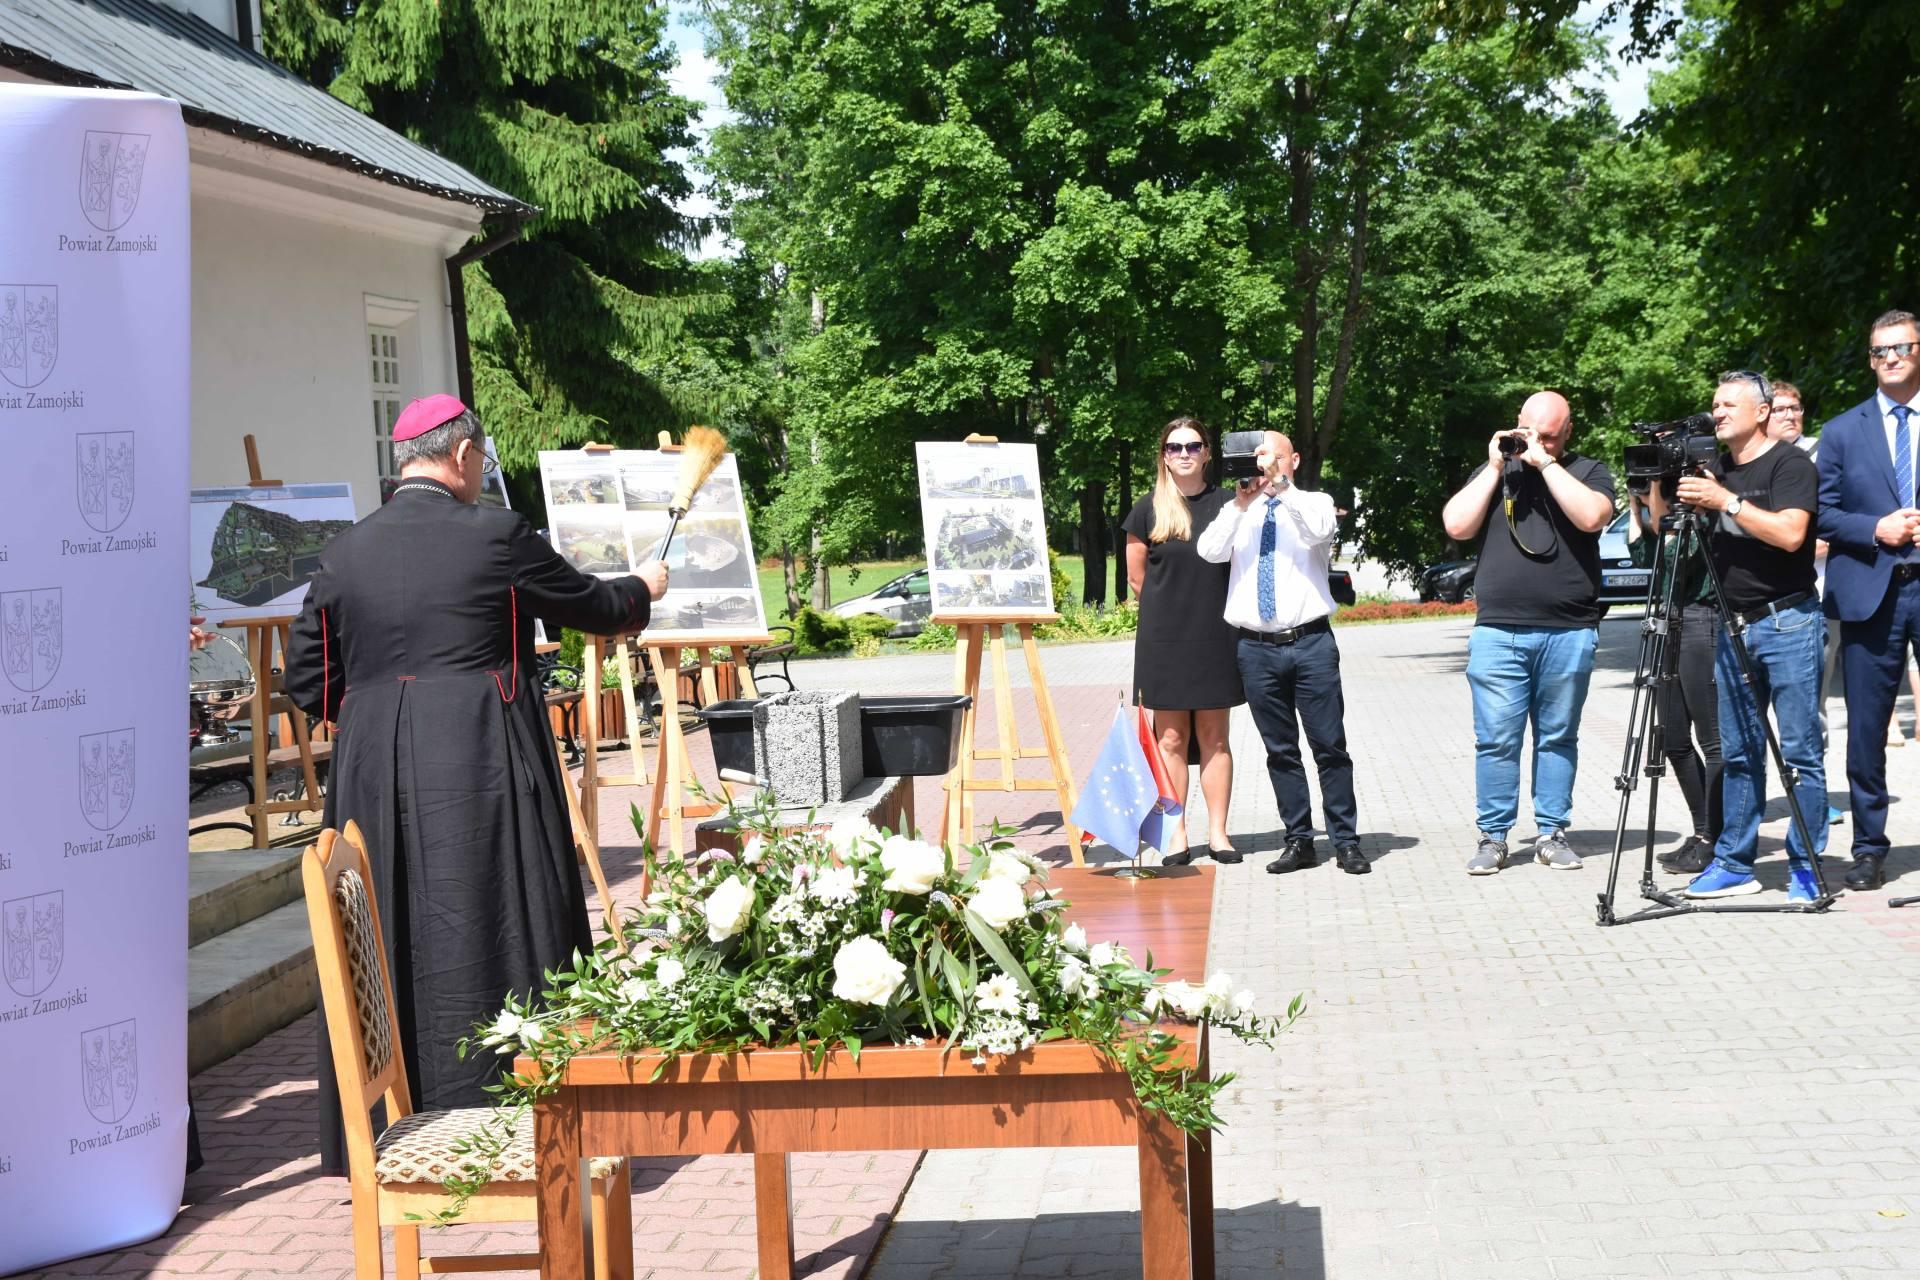 dsc 7515 Za 80 mln zł rozbudowane zostanie sanatorium w Krasnobrodzie.